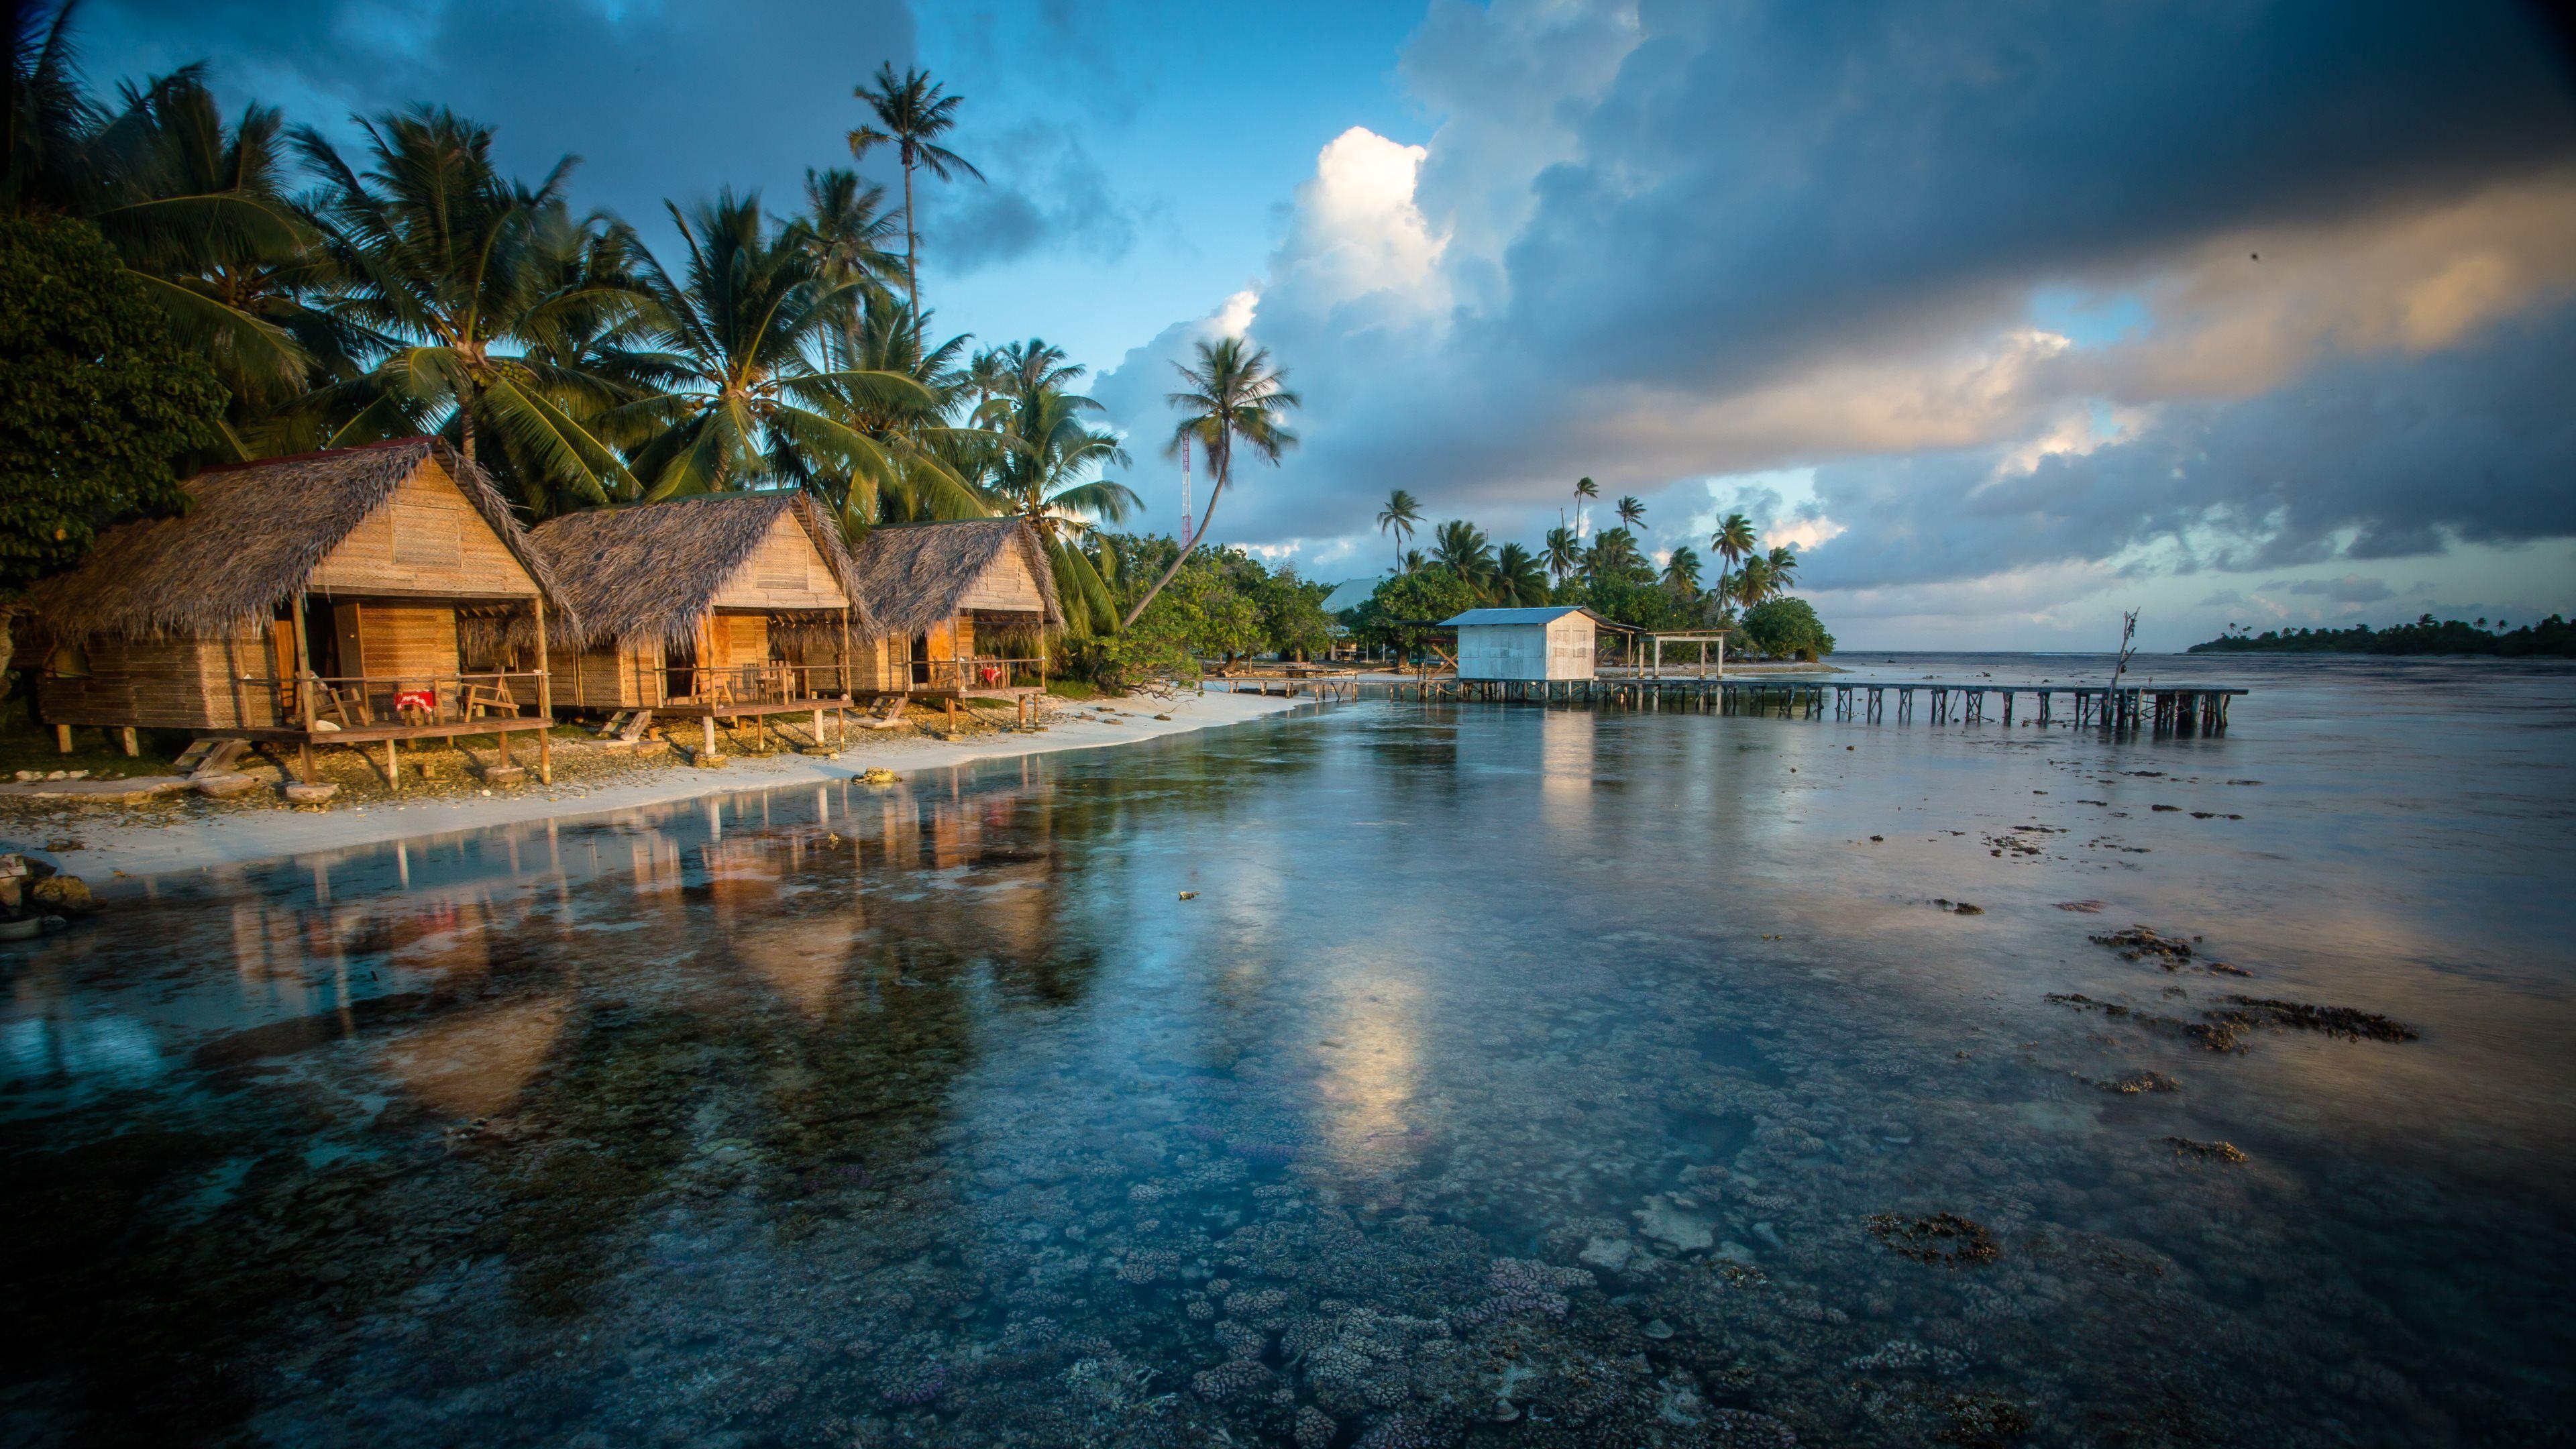 33 8k Ultra Hd Wallpaper 15360x8640 Download 2k Luxury Photos Hd Nature Wallpapers Beach Wallpaper Wallpaper 4k